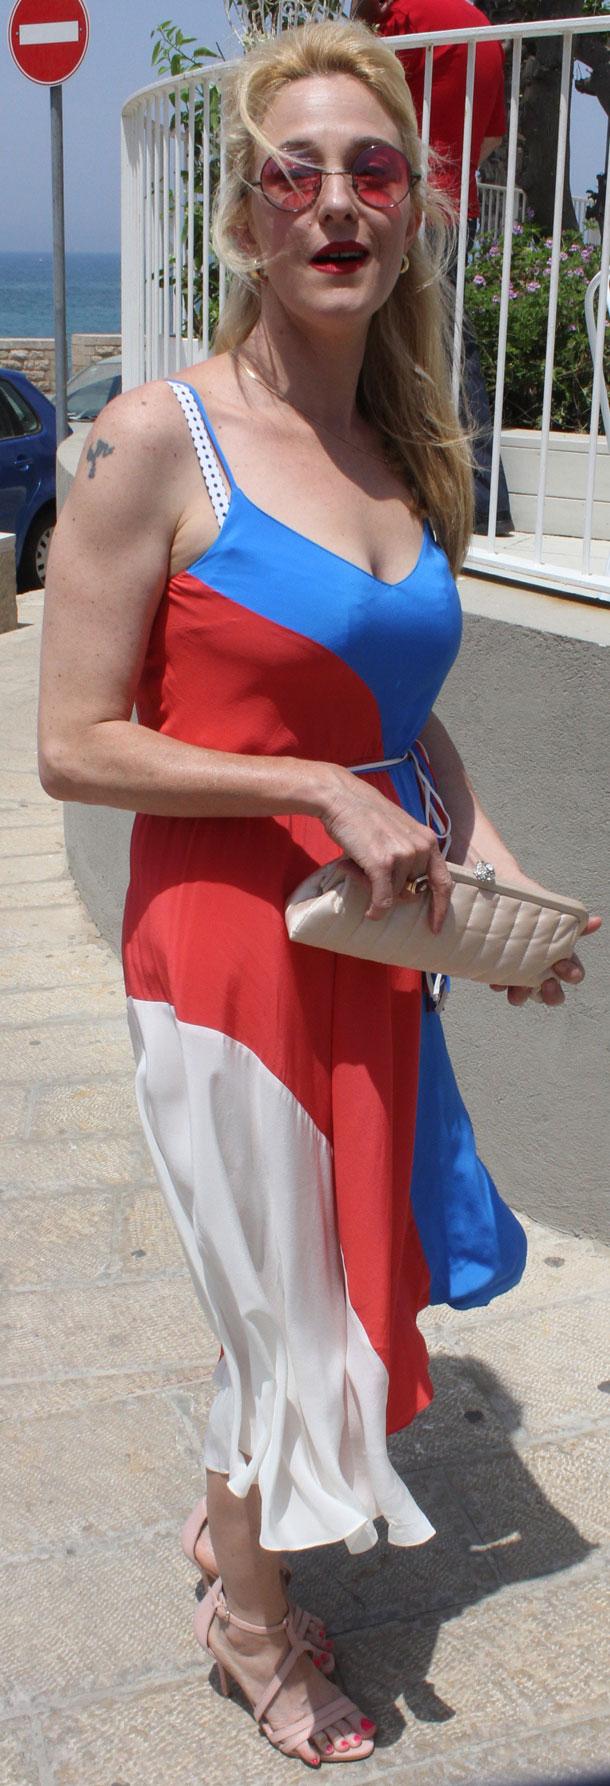 ליצנית? מיה דגן הגיעה בשמלה צבעונית משהו (צילום: ניר פקין)